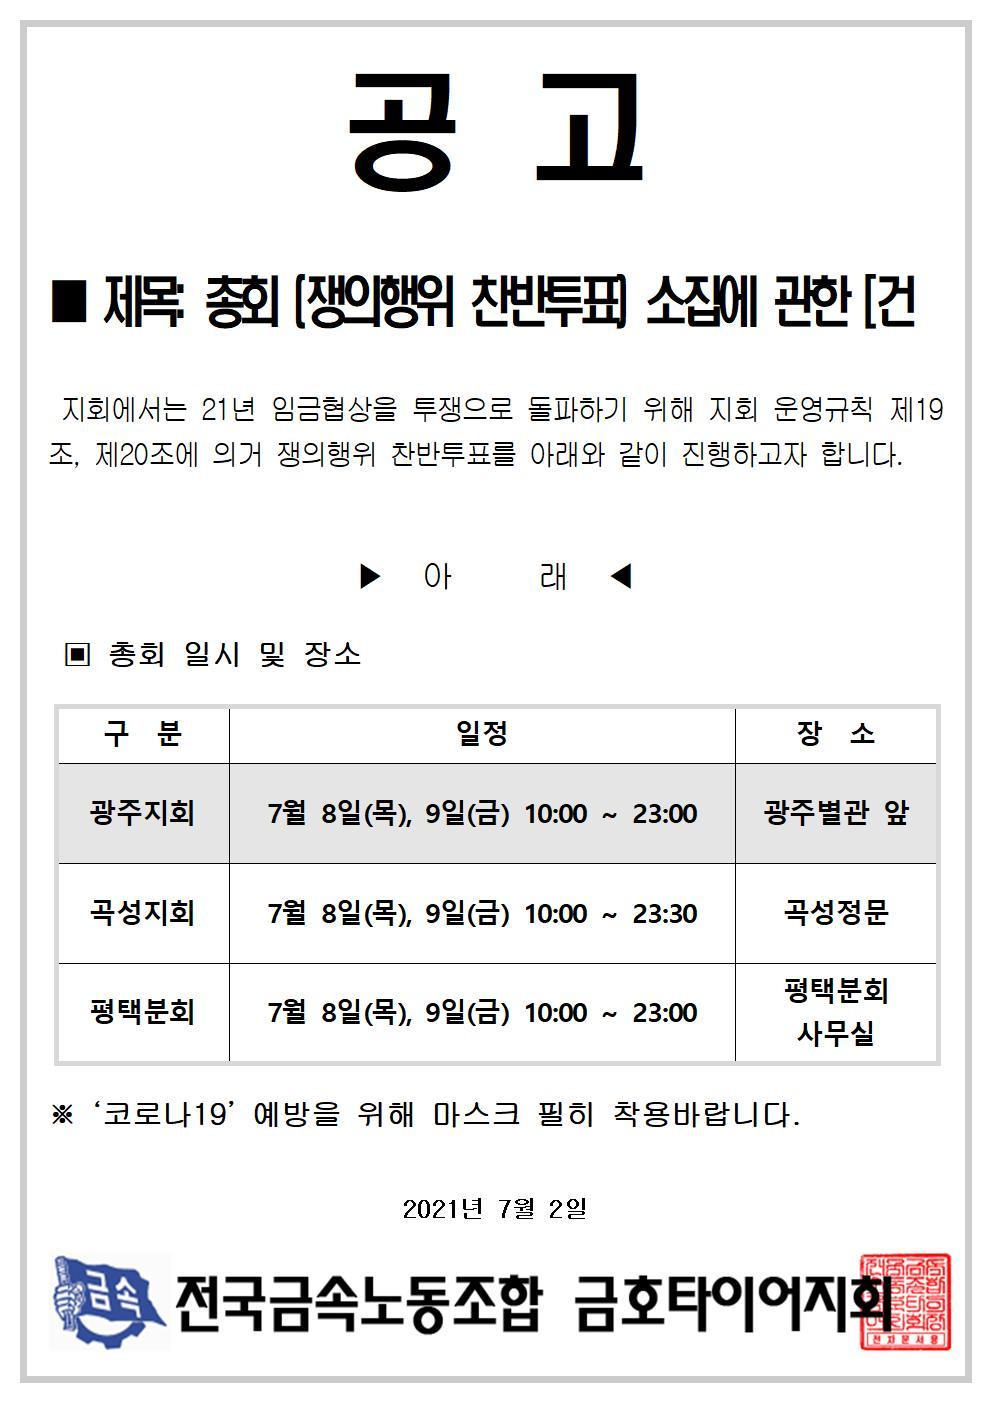 21년 임금협상 쟁의행위찬반투표001.jpg